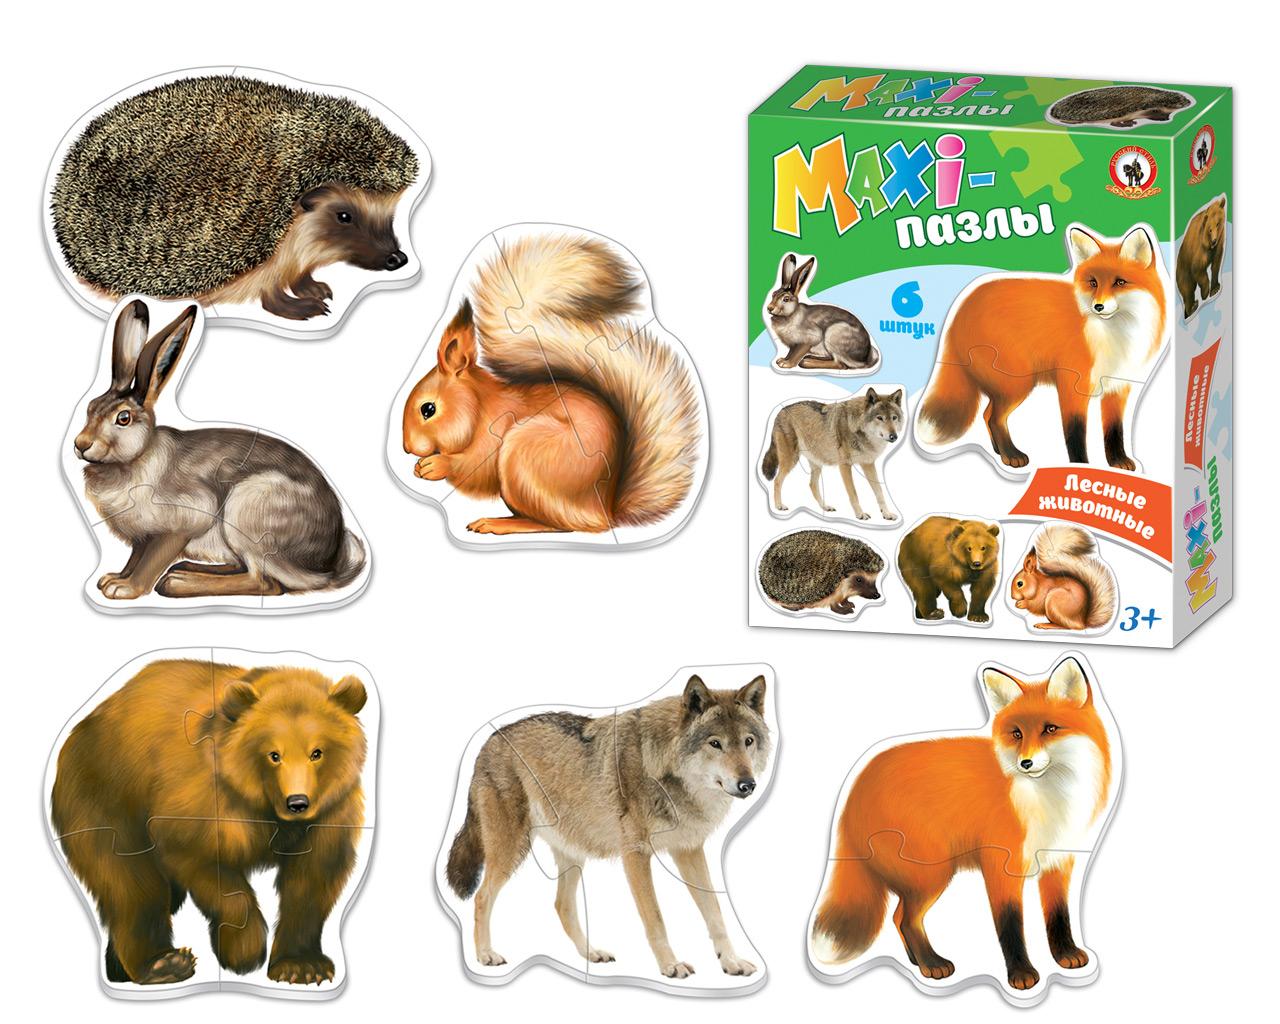 Макси-пазл Русский стиль Лесные животные коврик пазл животные 12 элементов